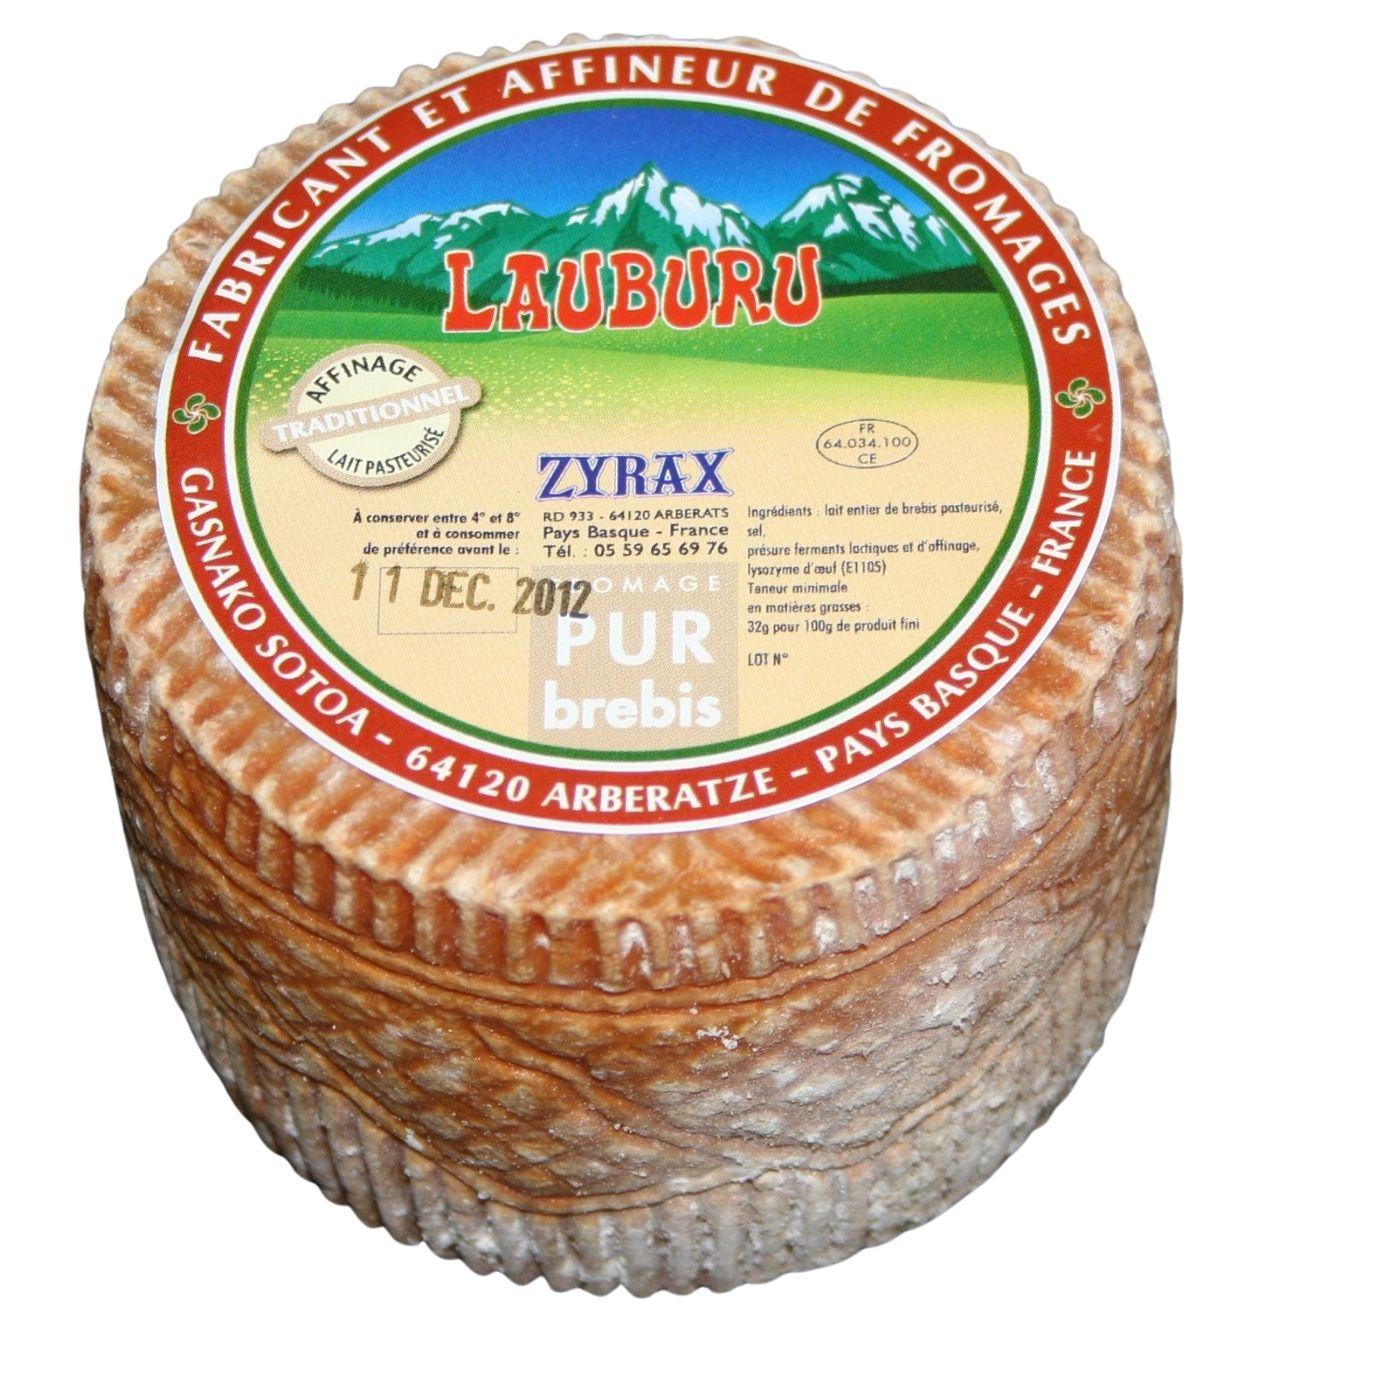 www.luxfood-shop.fr